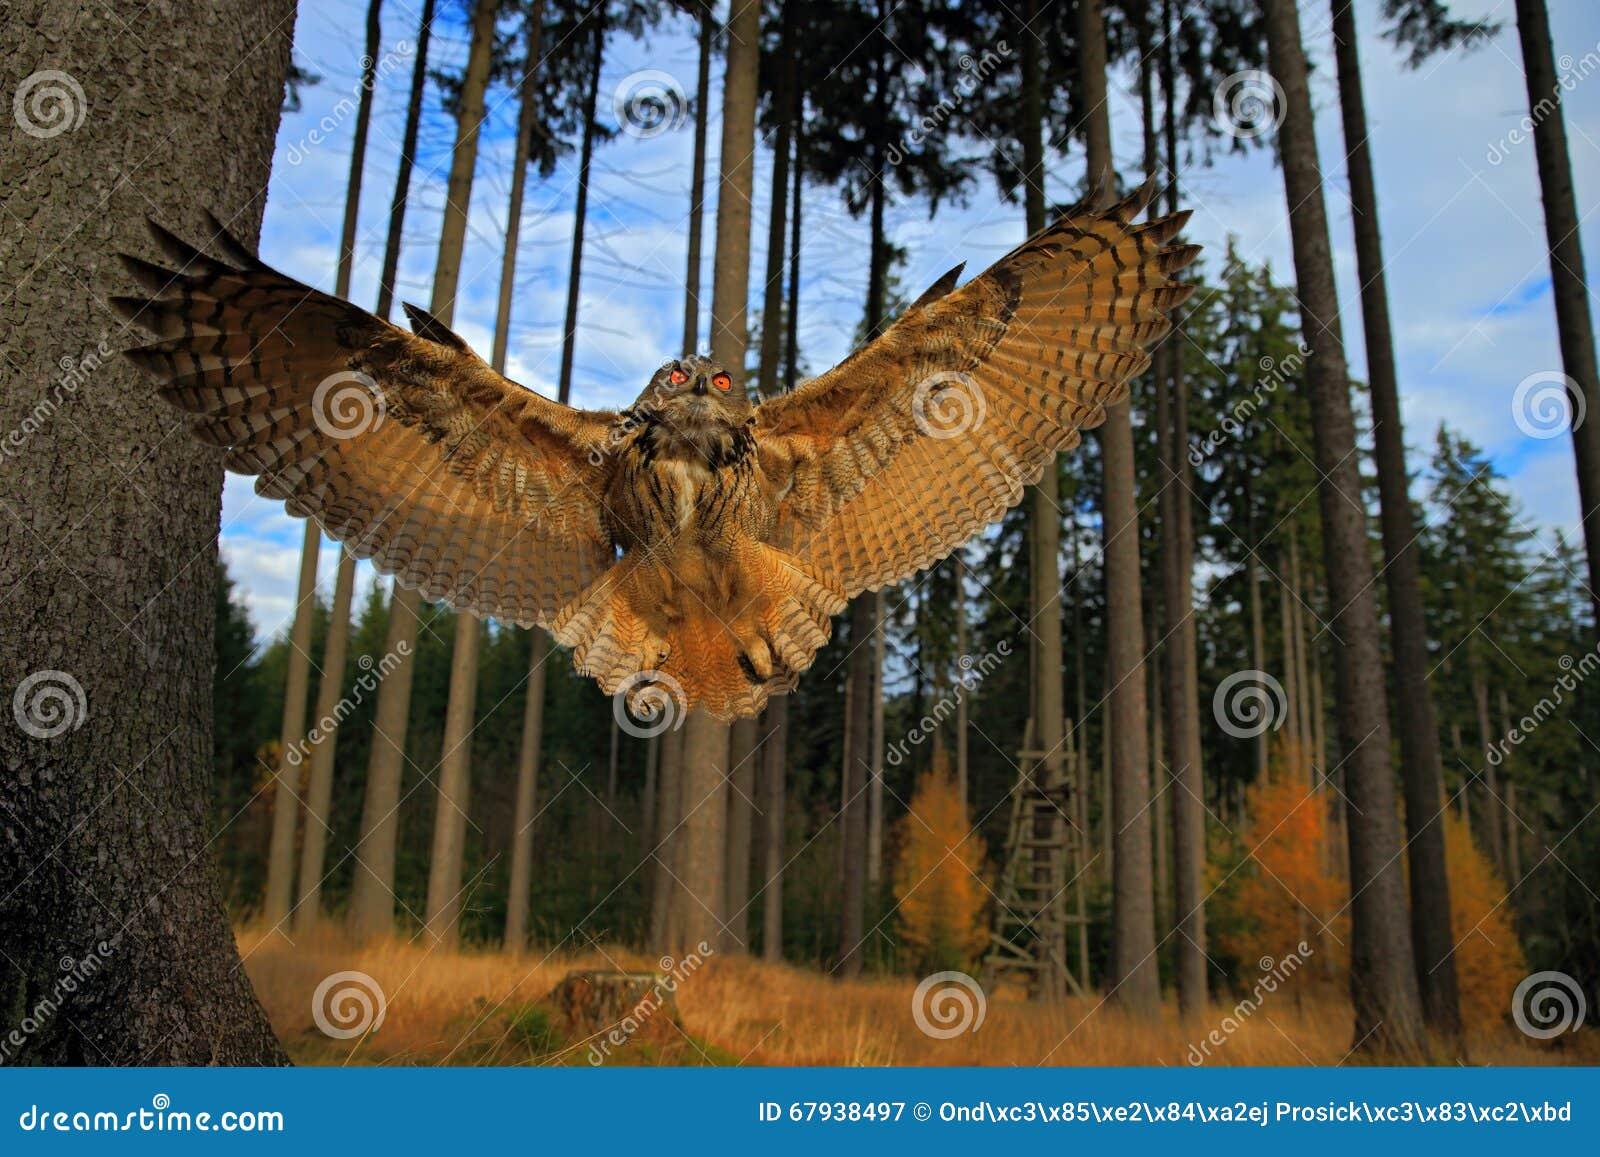 Сыч орла летания евроазиатский с открытыми крылами в среду обитания леса, фото широкоформатного объектива